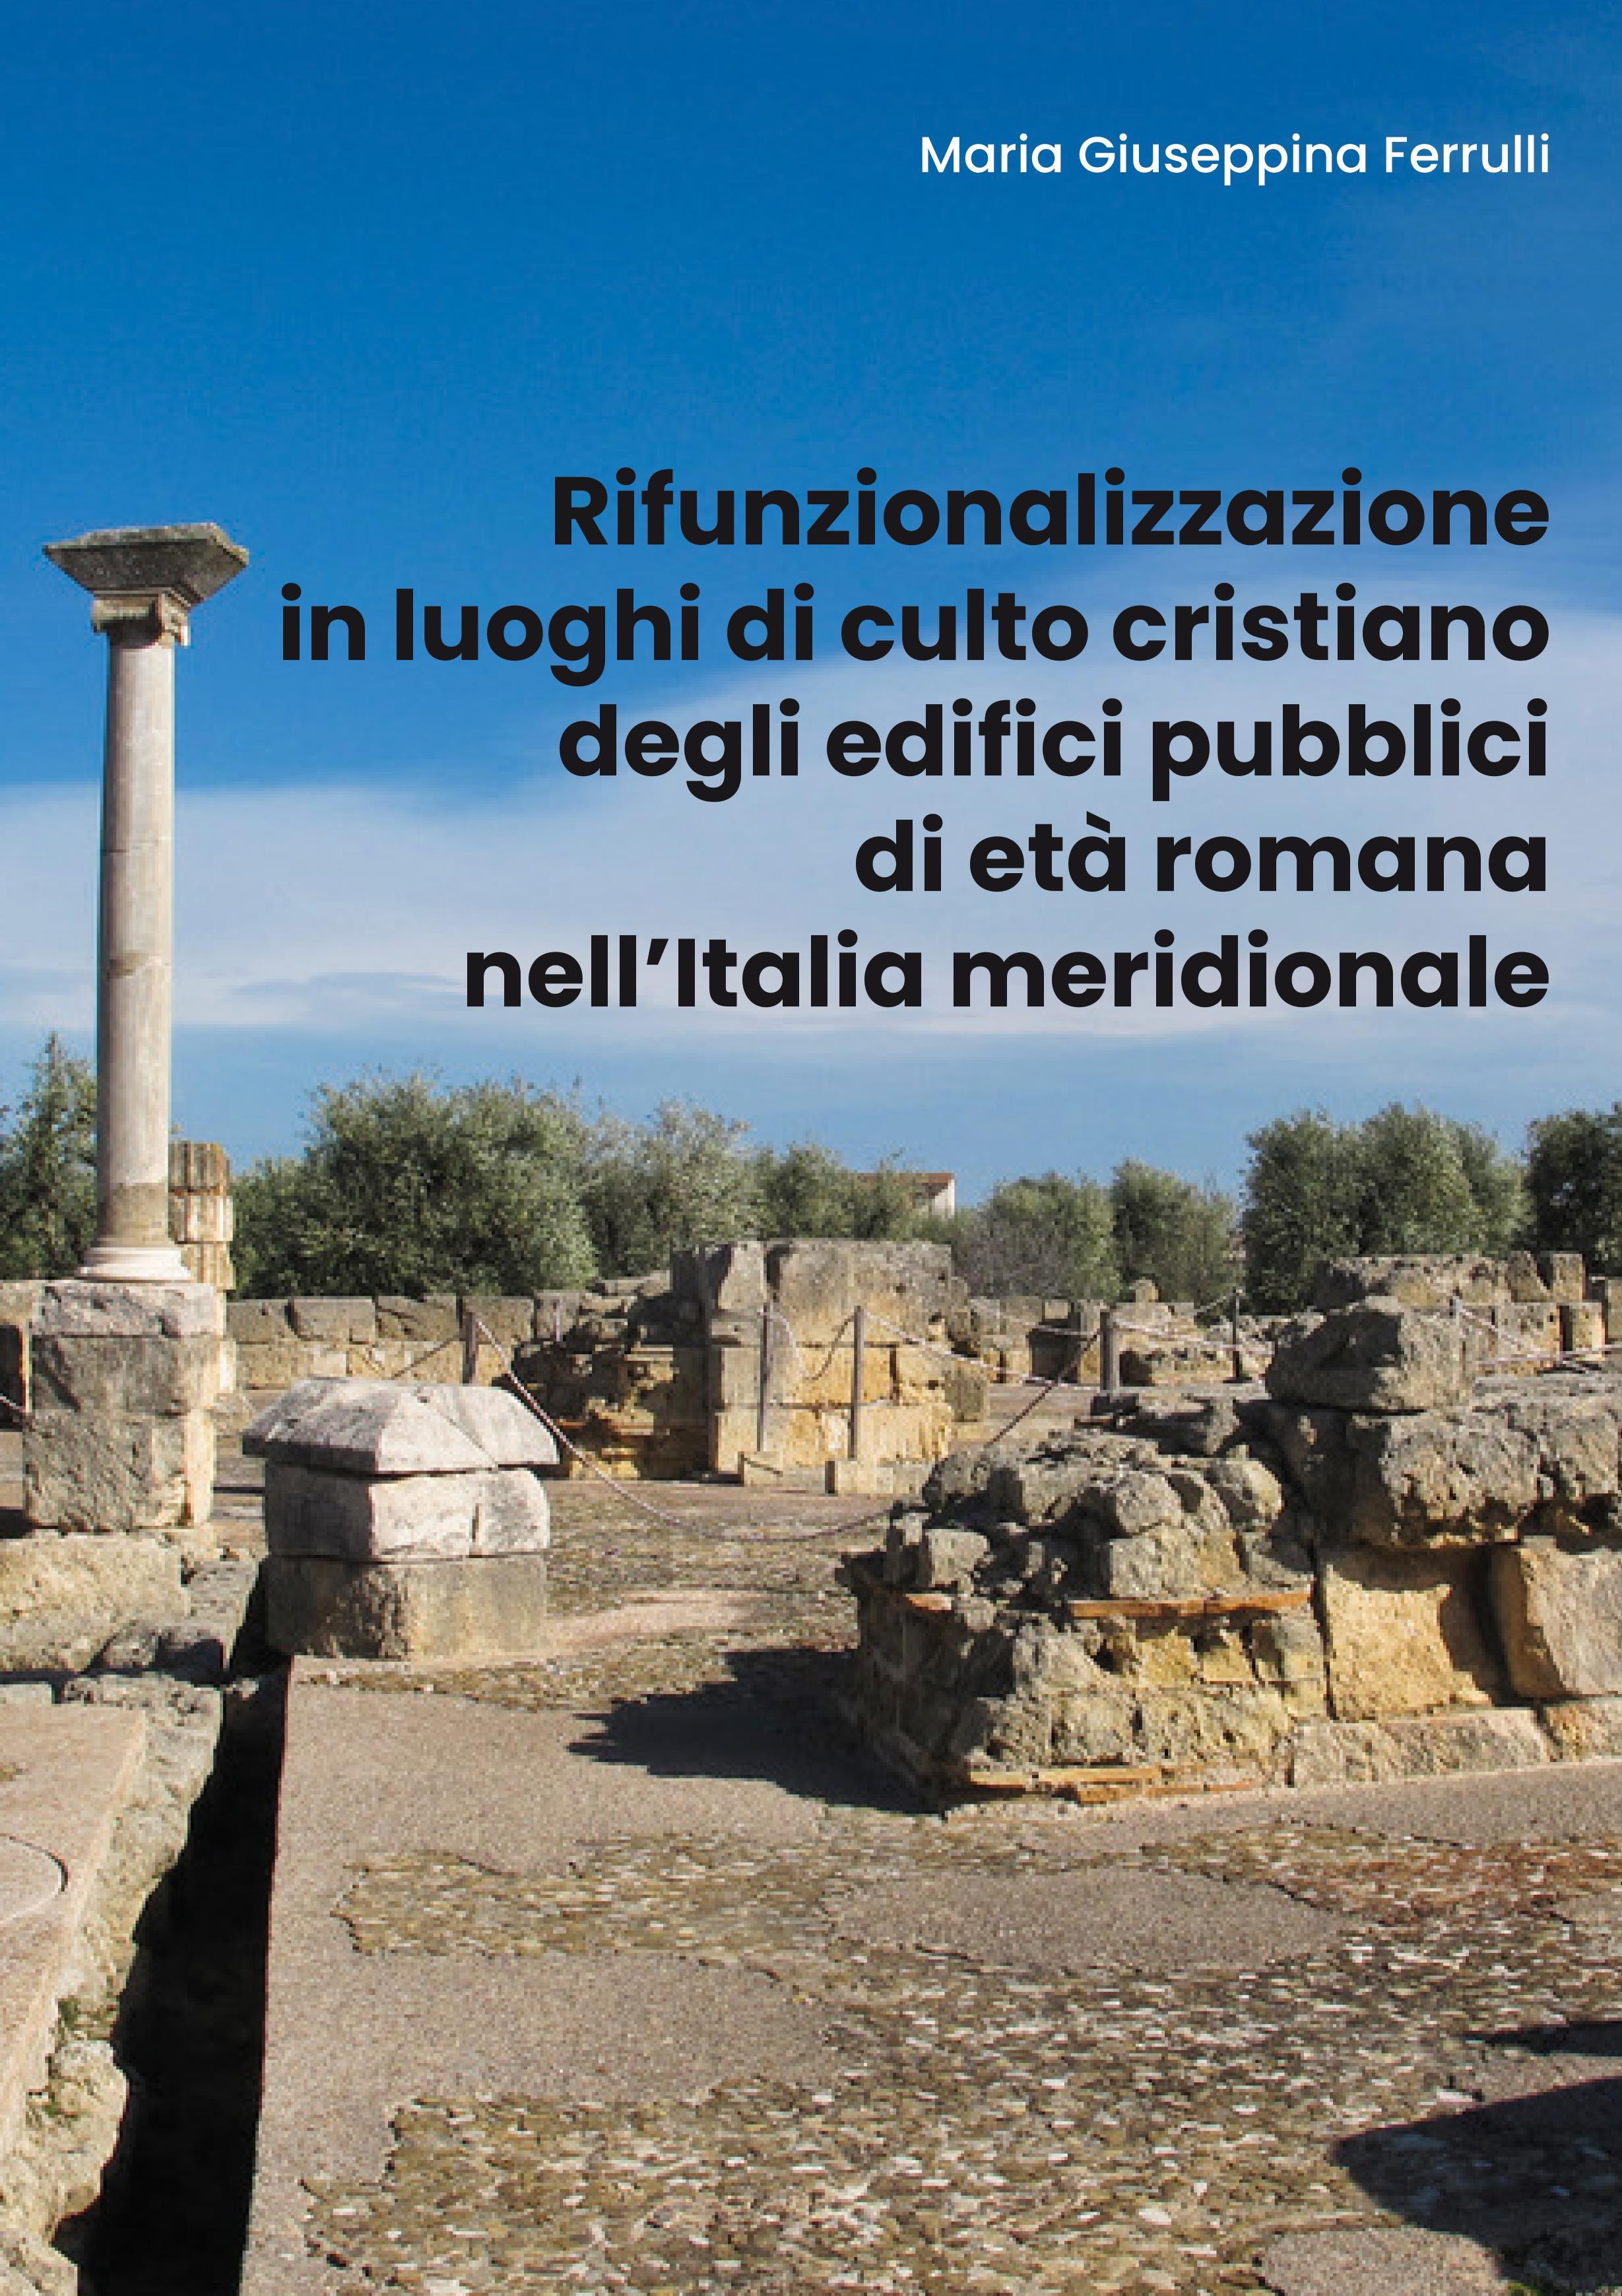 Rifunzionalizzazione in luoghi di culto cristiano degli edifici pubblici di età romana nell'Italia meridionale